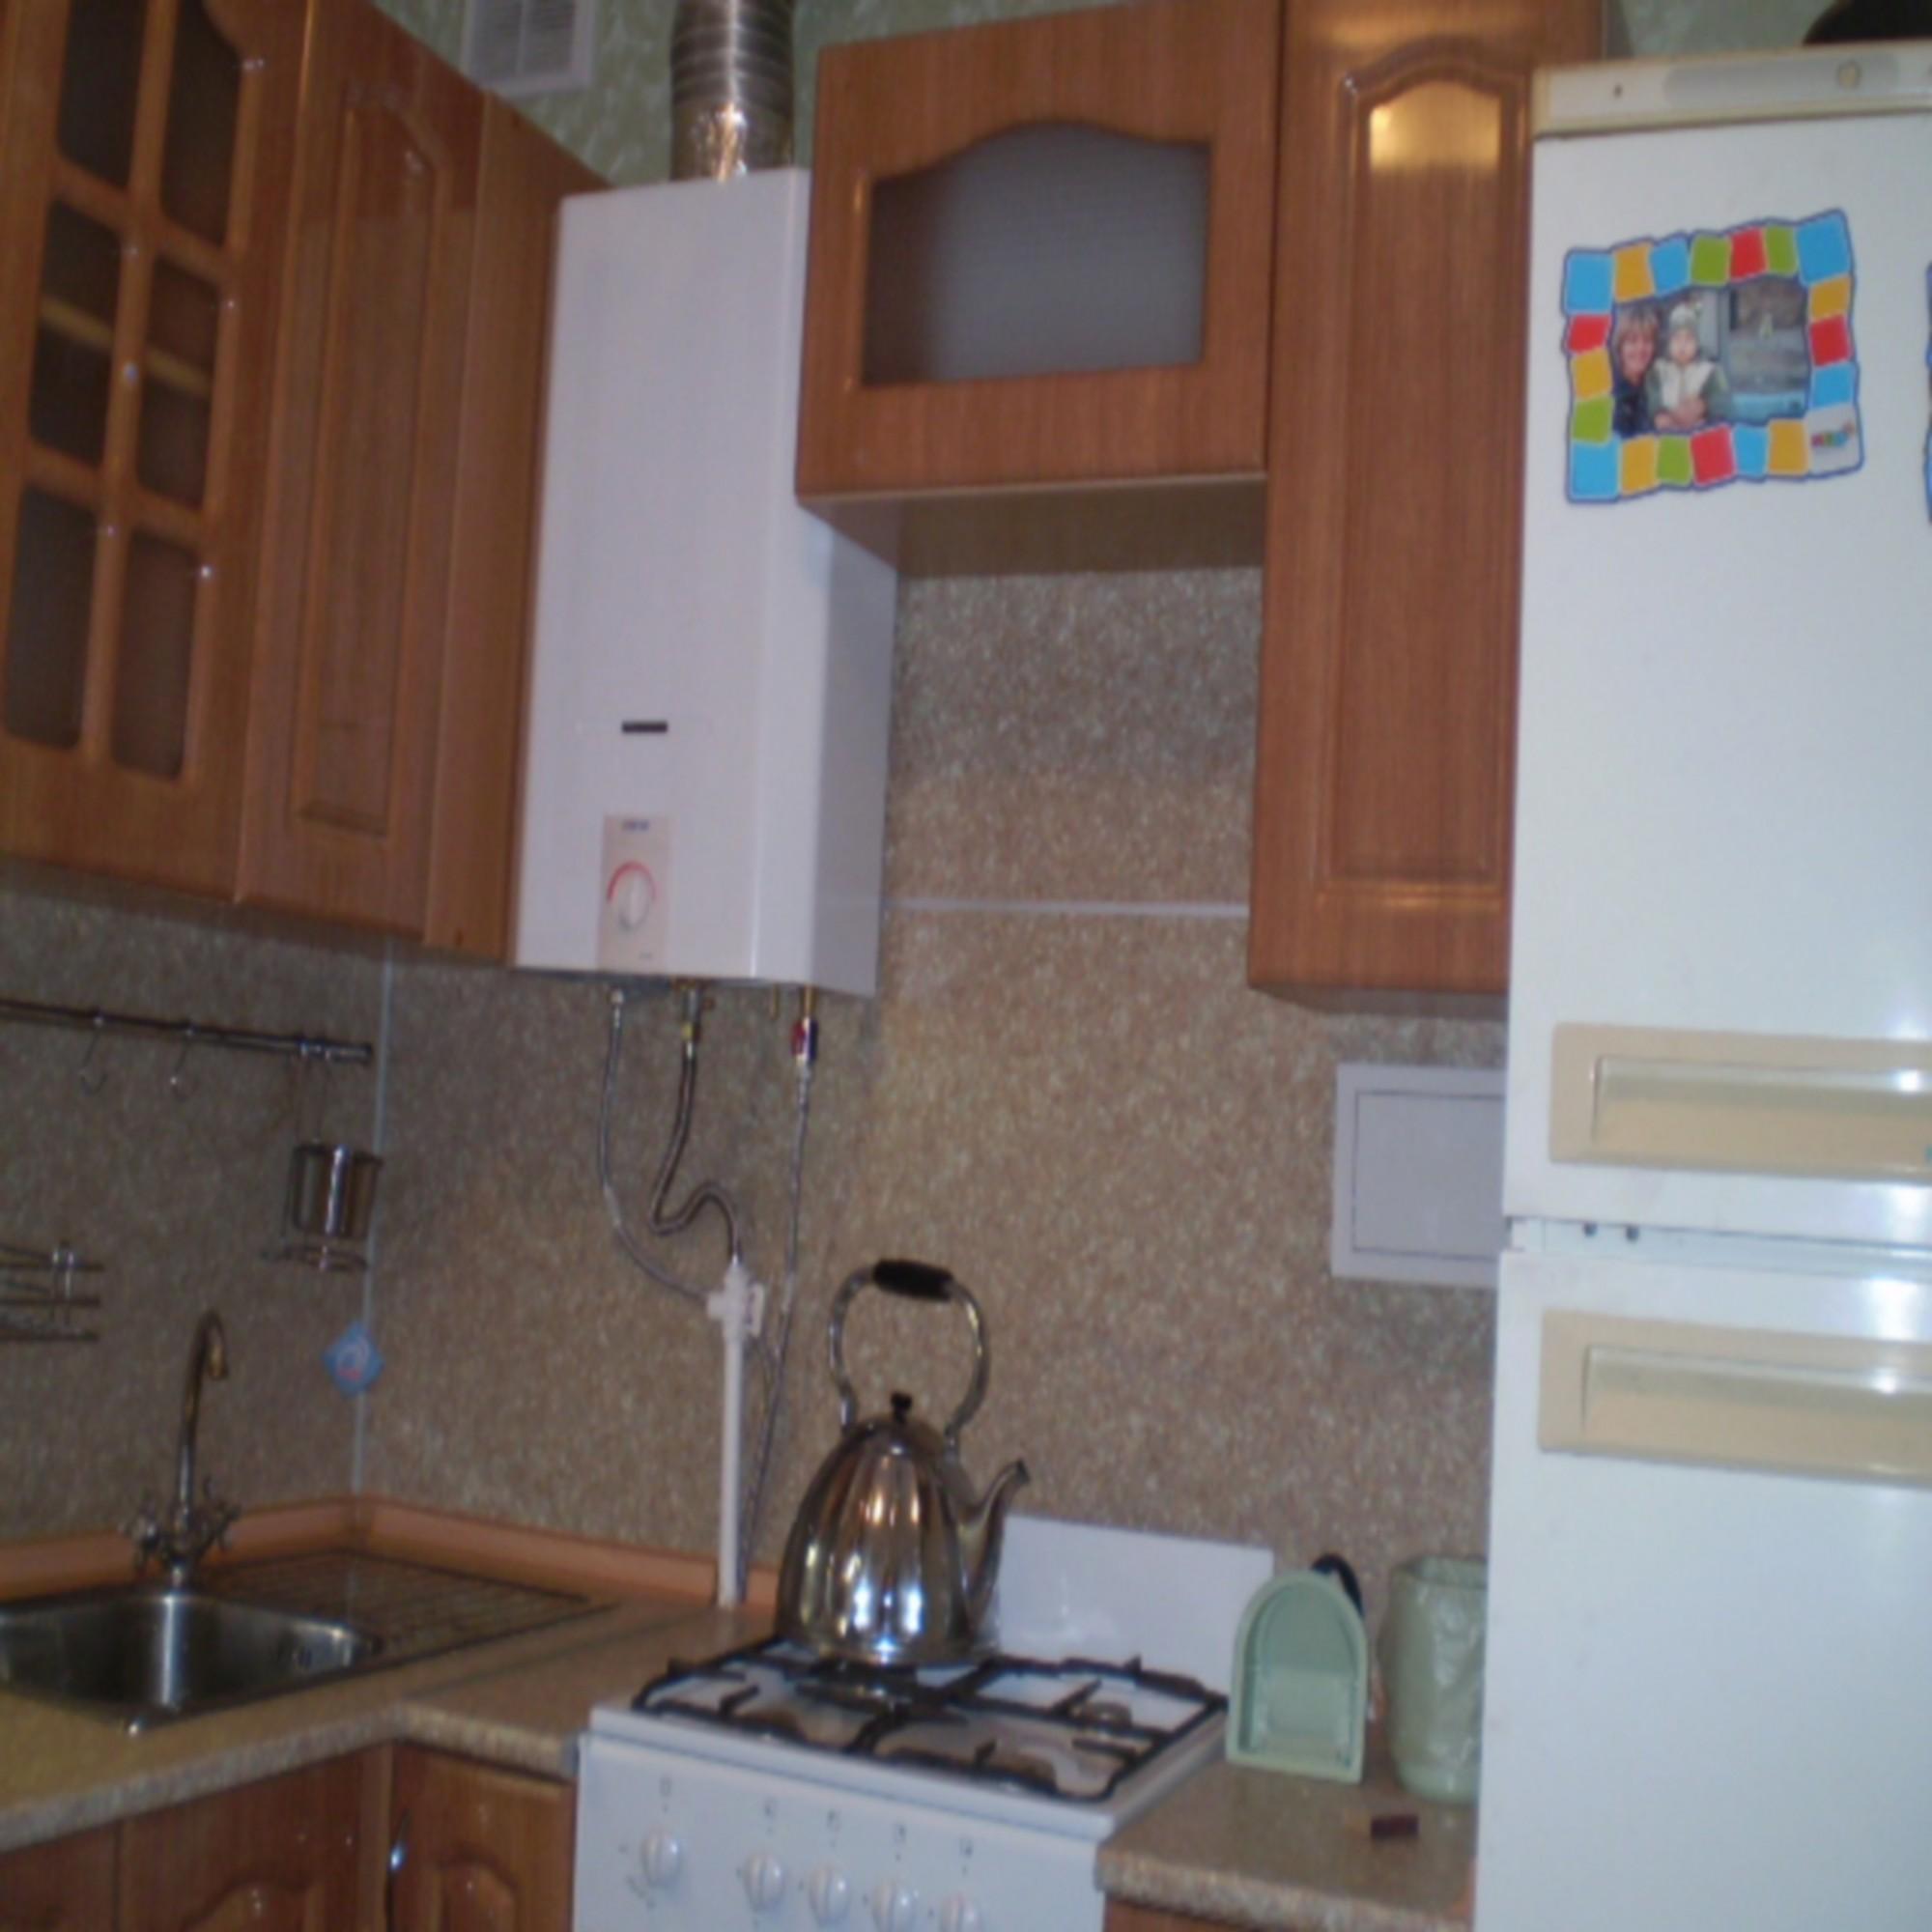 Красивый дизайн кухни в хрущевке: Дизайн маленькой ванной с газовой колонкой » Картинки и